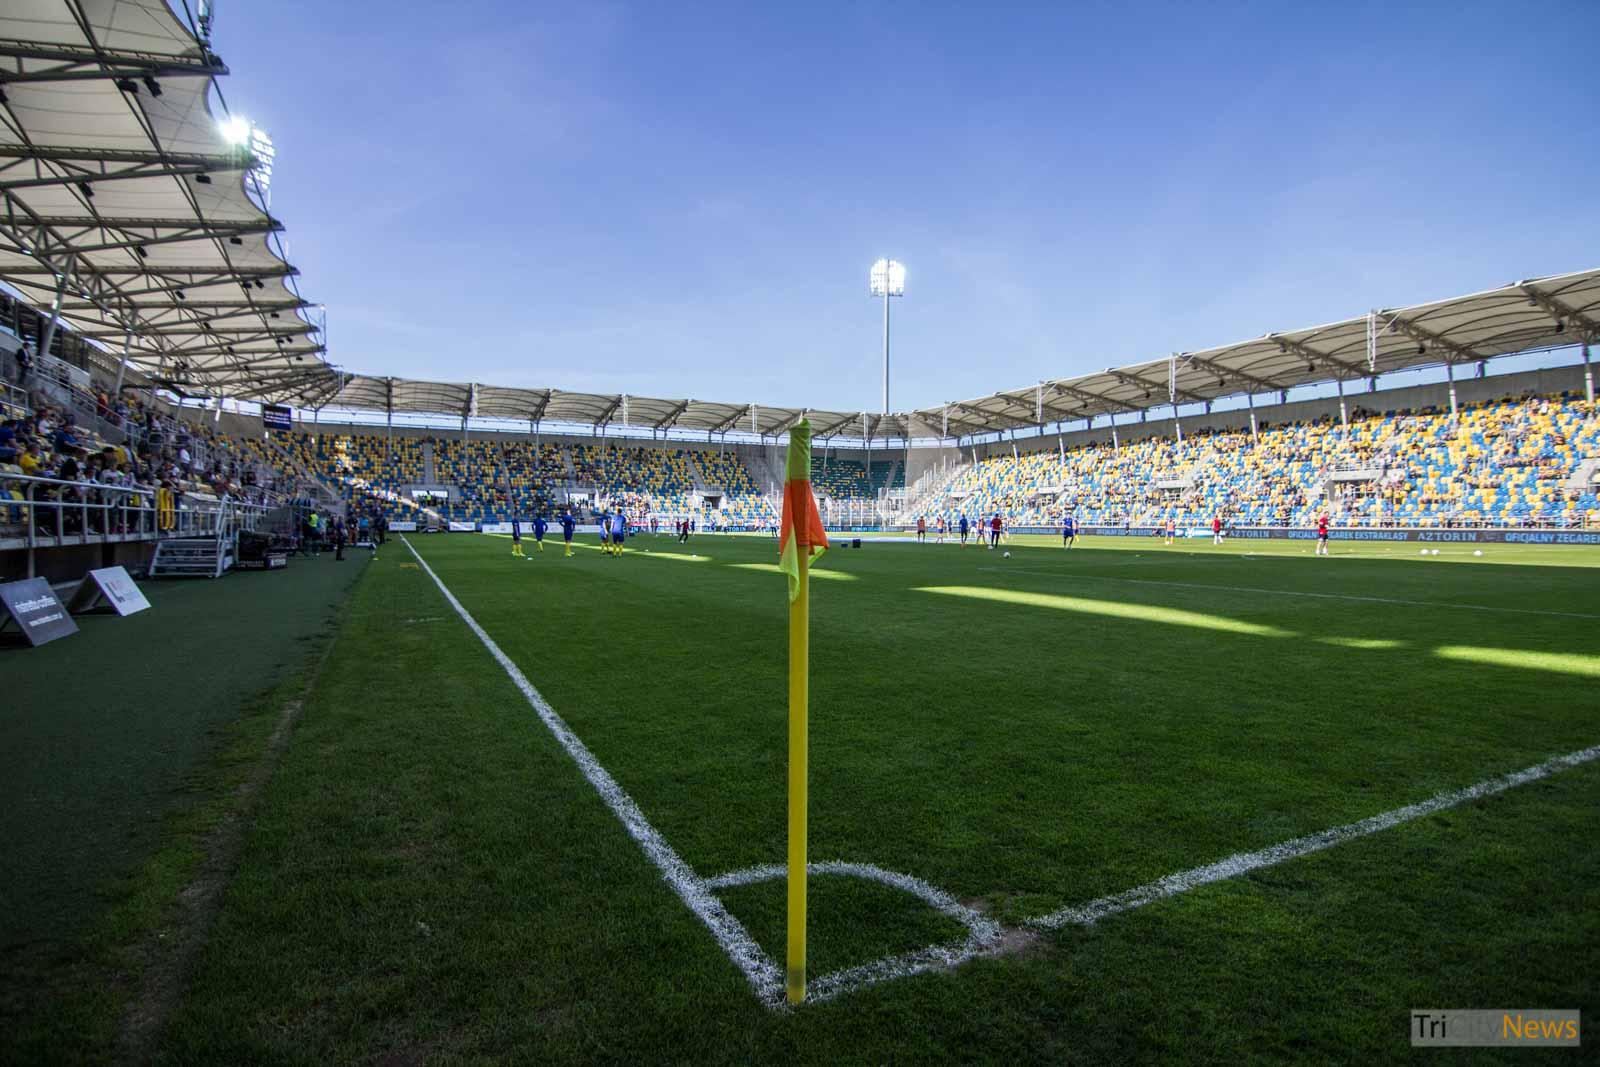 Gdynia Stadium, Photo: Jakub Wozniak/Tricity News